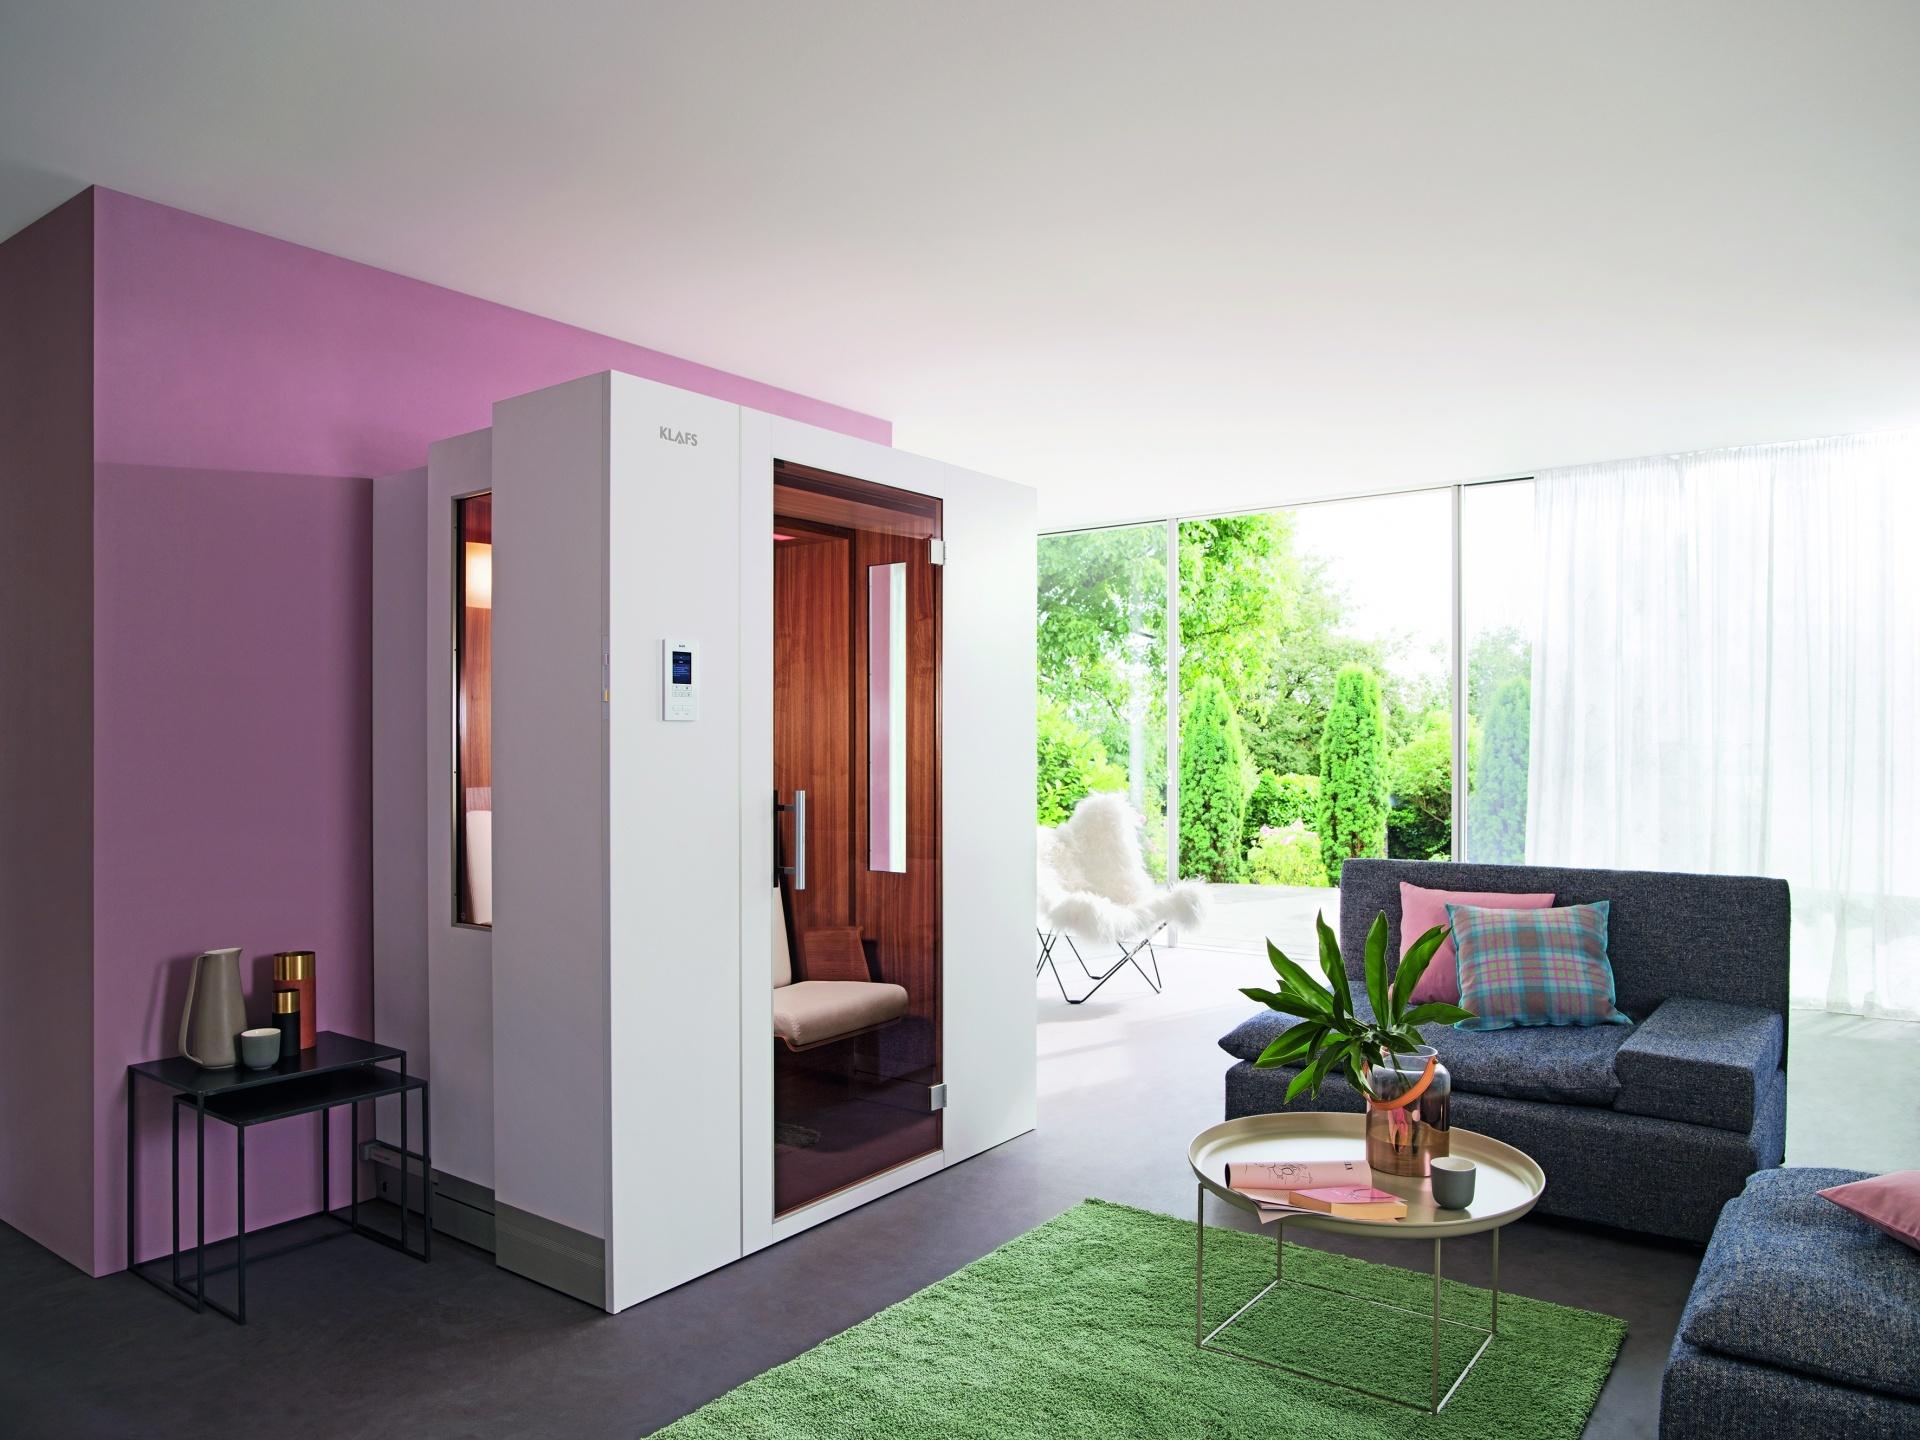 Elegant Sauna Für Zuhause Galerie Von Ambiente Im Wohnraum (bild Klafs S1)